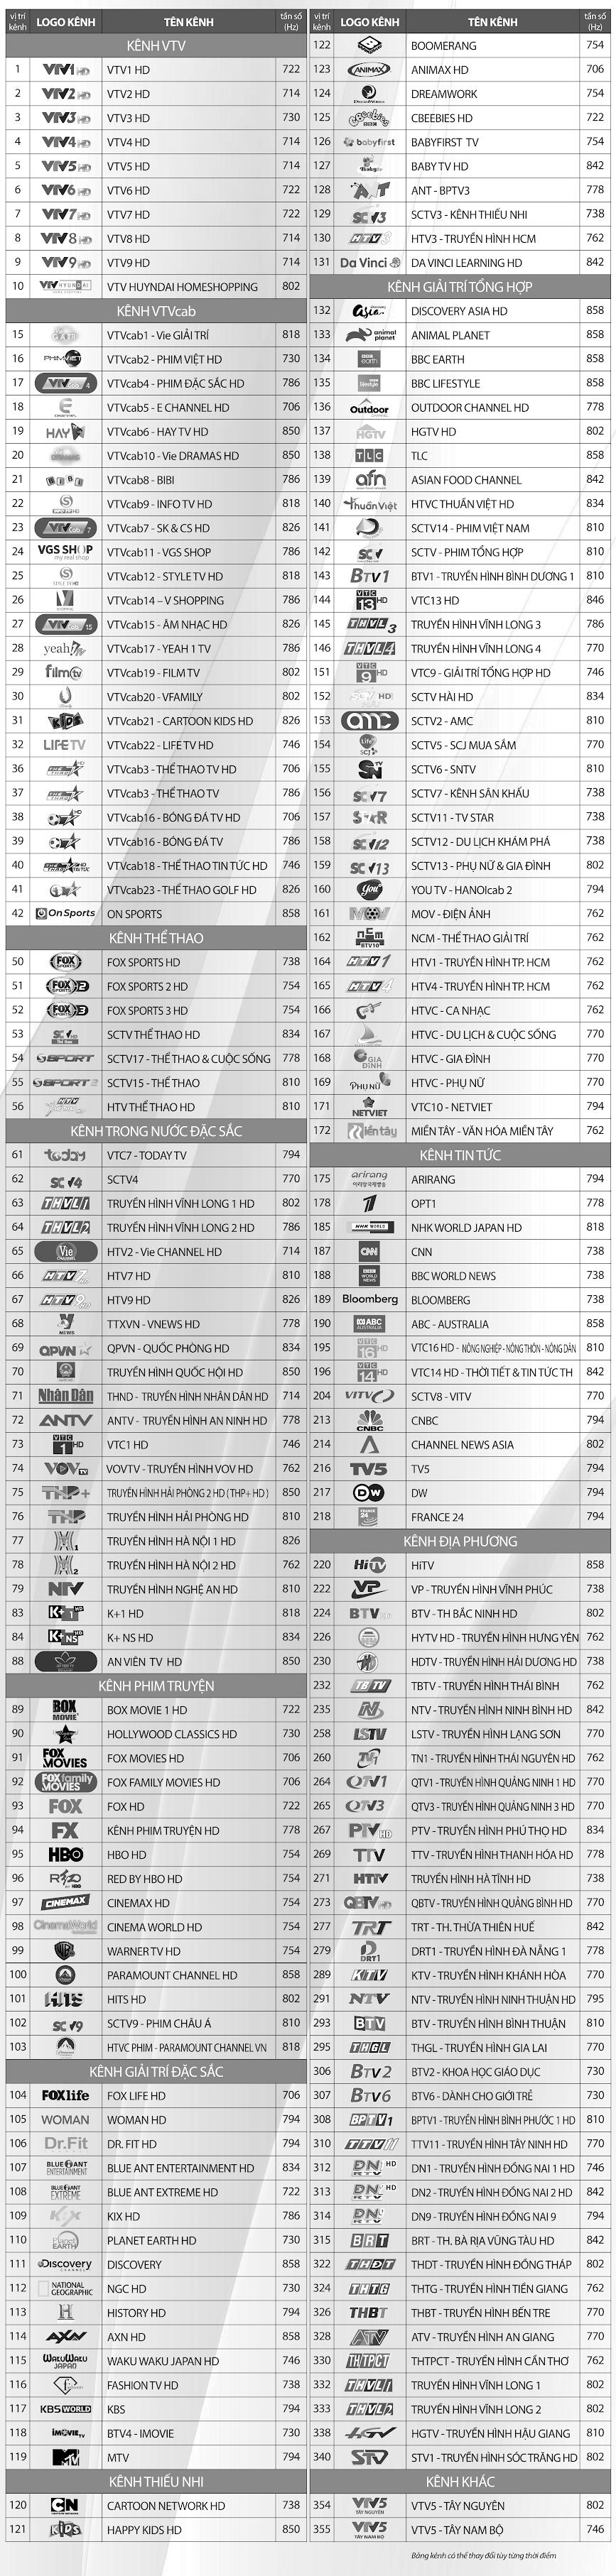 Cập nhật bảng kênh truyền hình số HD gói Đỉnh tại VTVcab Đồng Nai